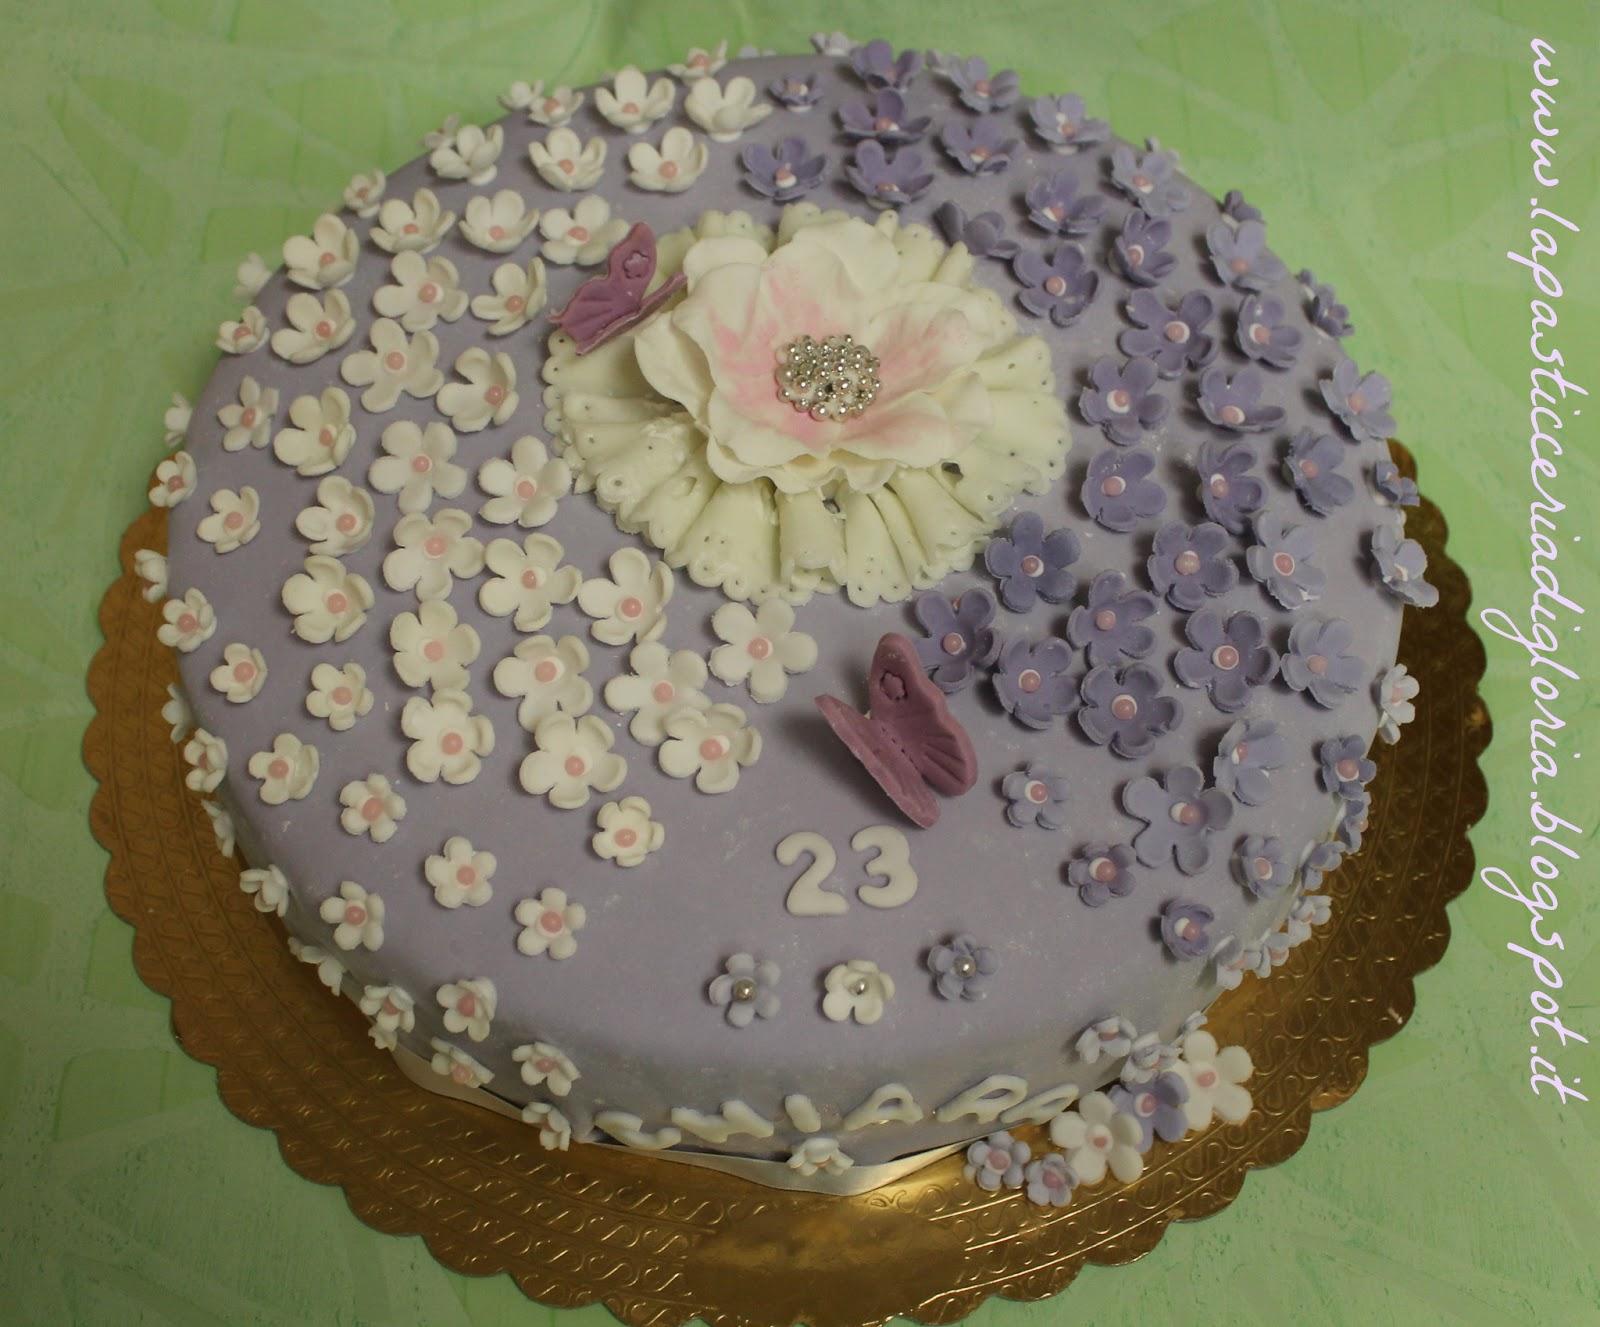 La pasticceria di gloria torte decorate for Decorazioni torte trenino thomas